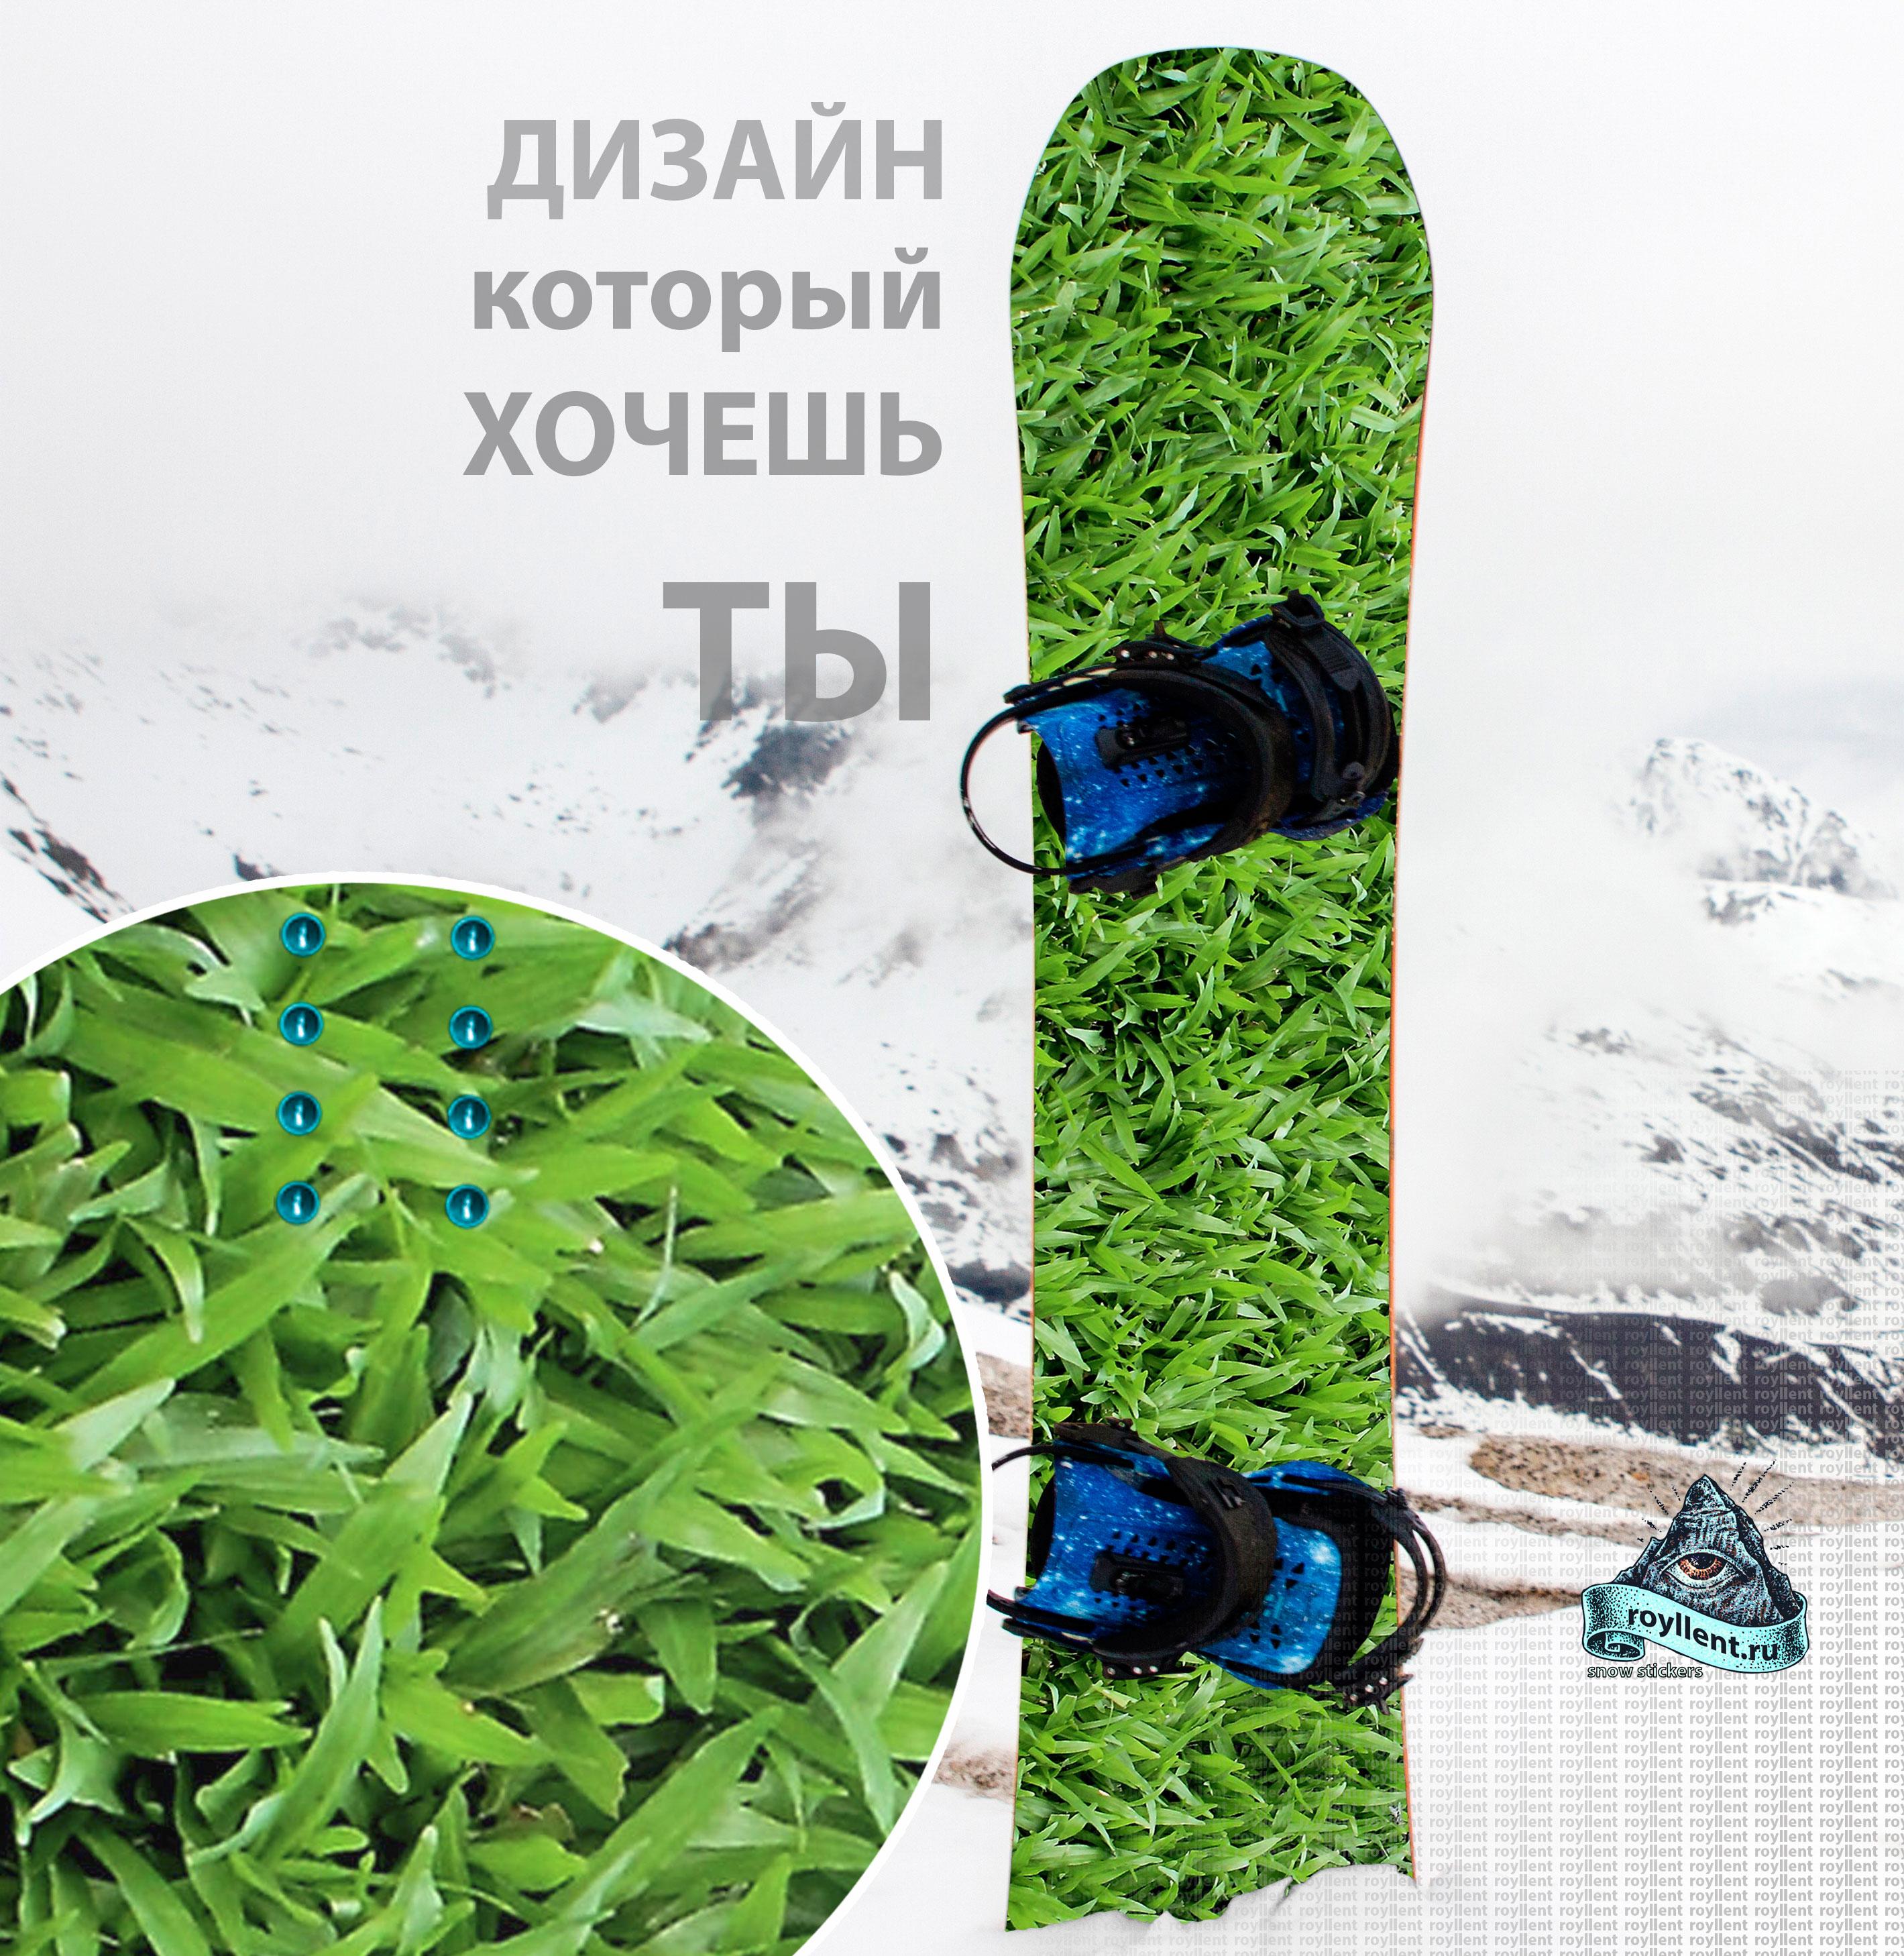 Интернет магазин наклеек на сноуборд роза хутор и снежком